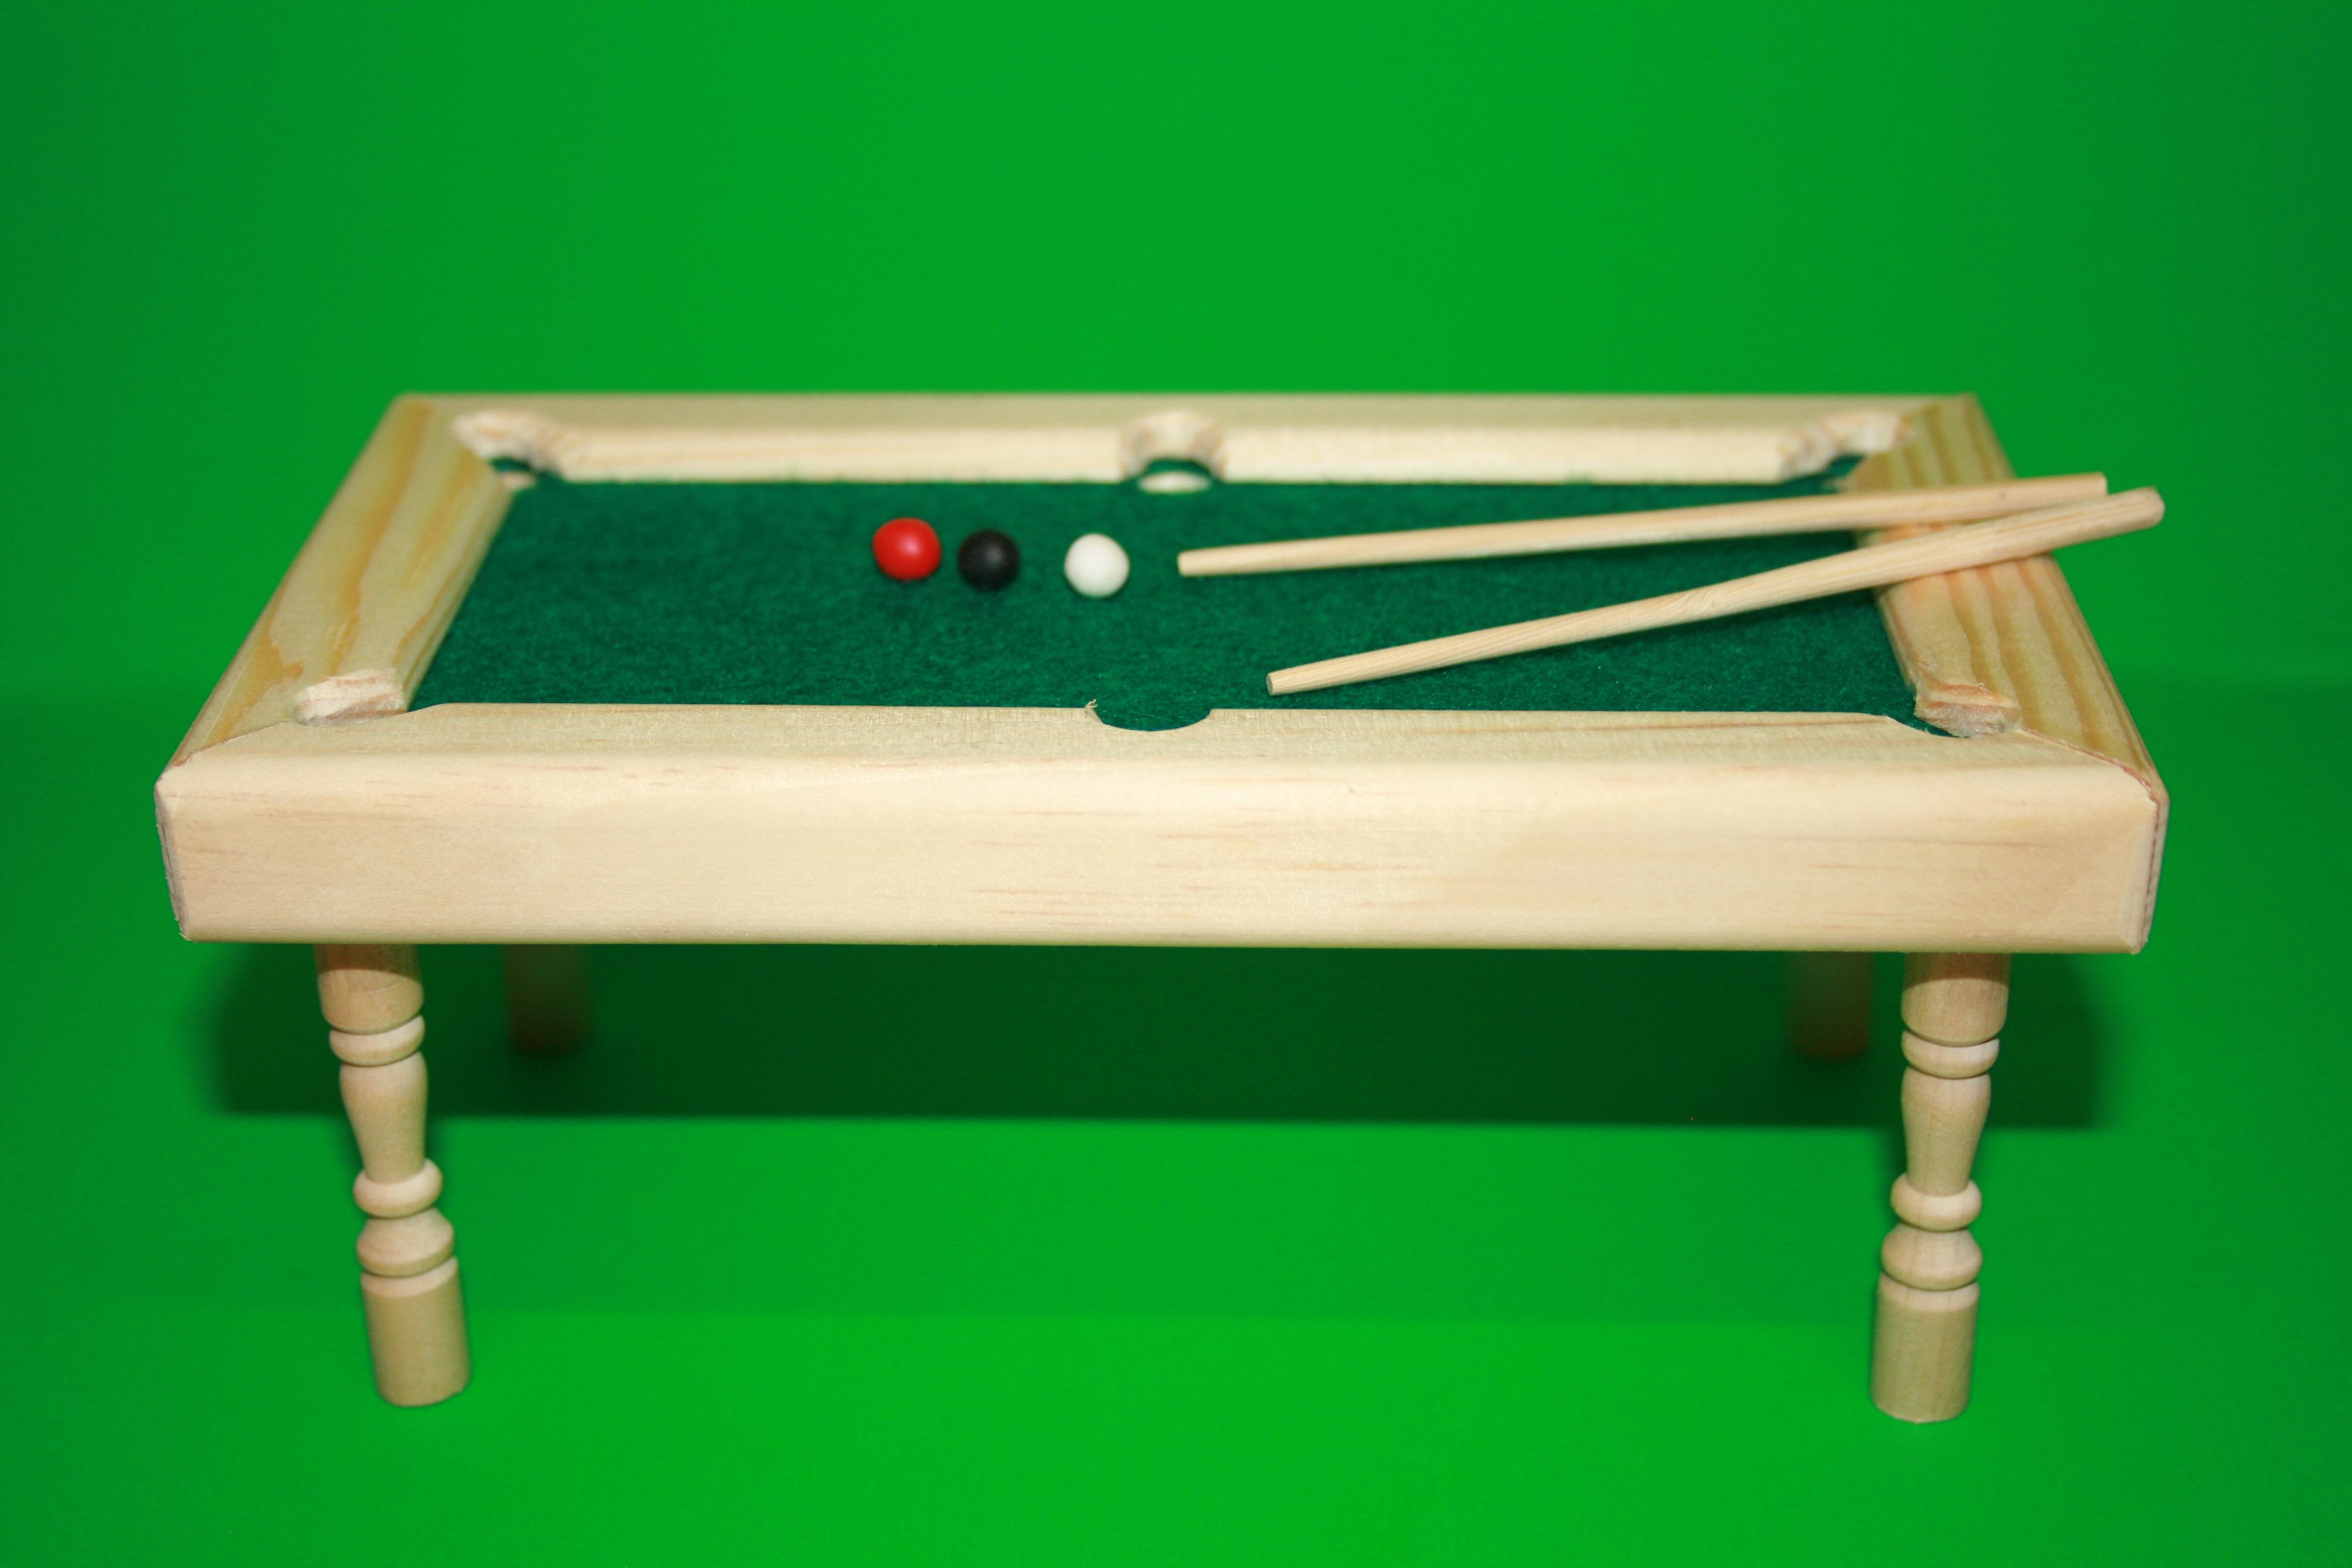 billard tisch mit st cken u kugeln holz natur 1 12. Black Bedroom Furniture Sets. Home Design Ideas